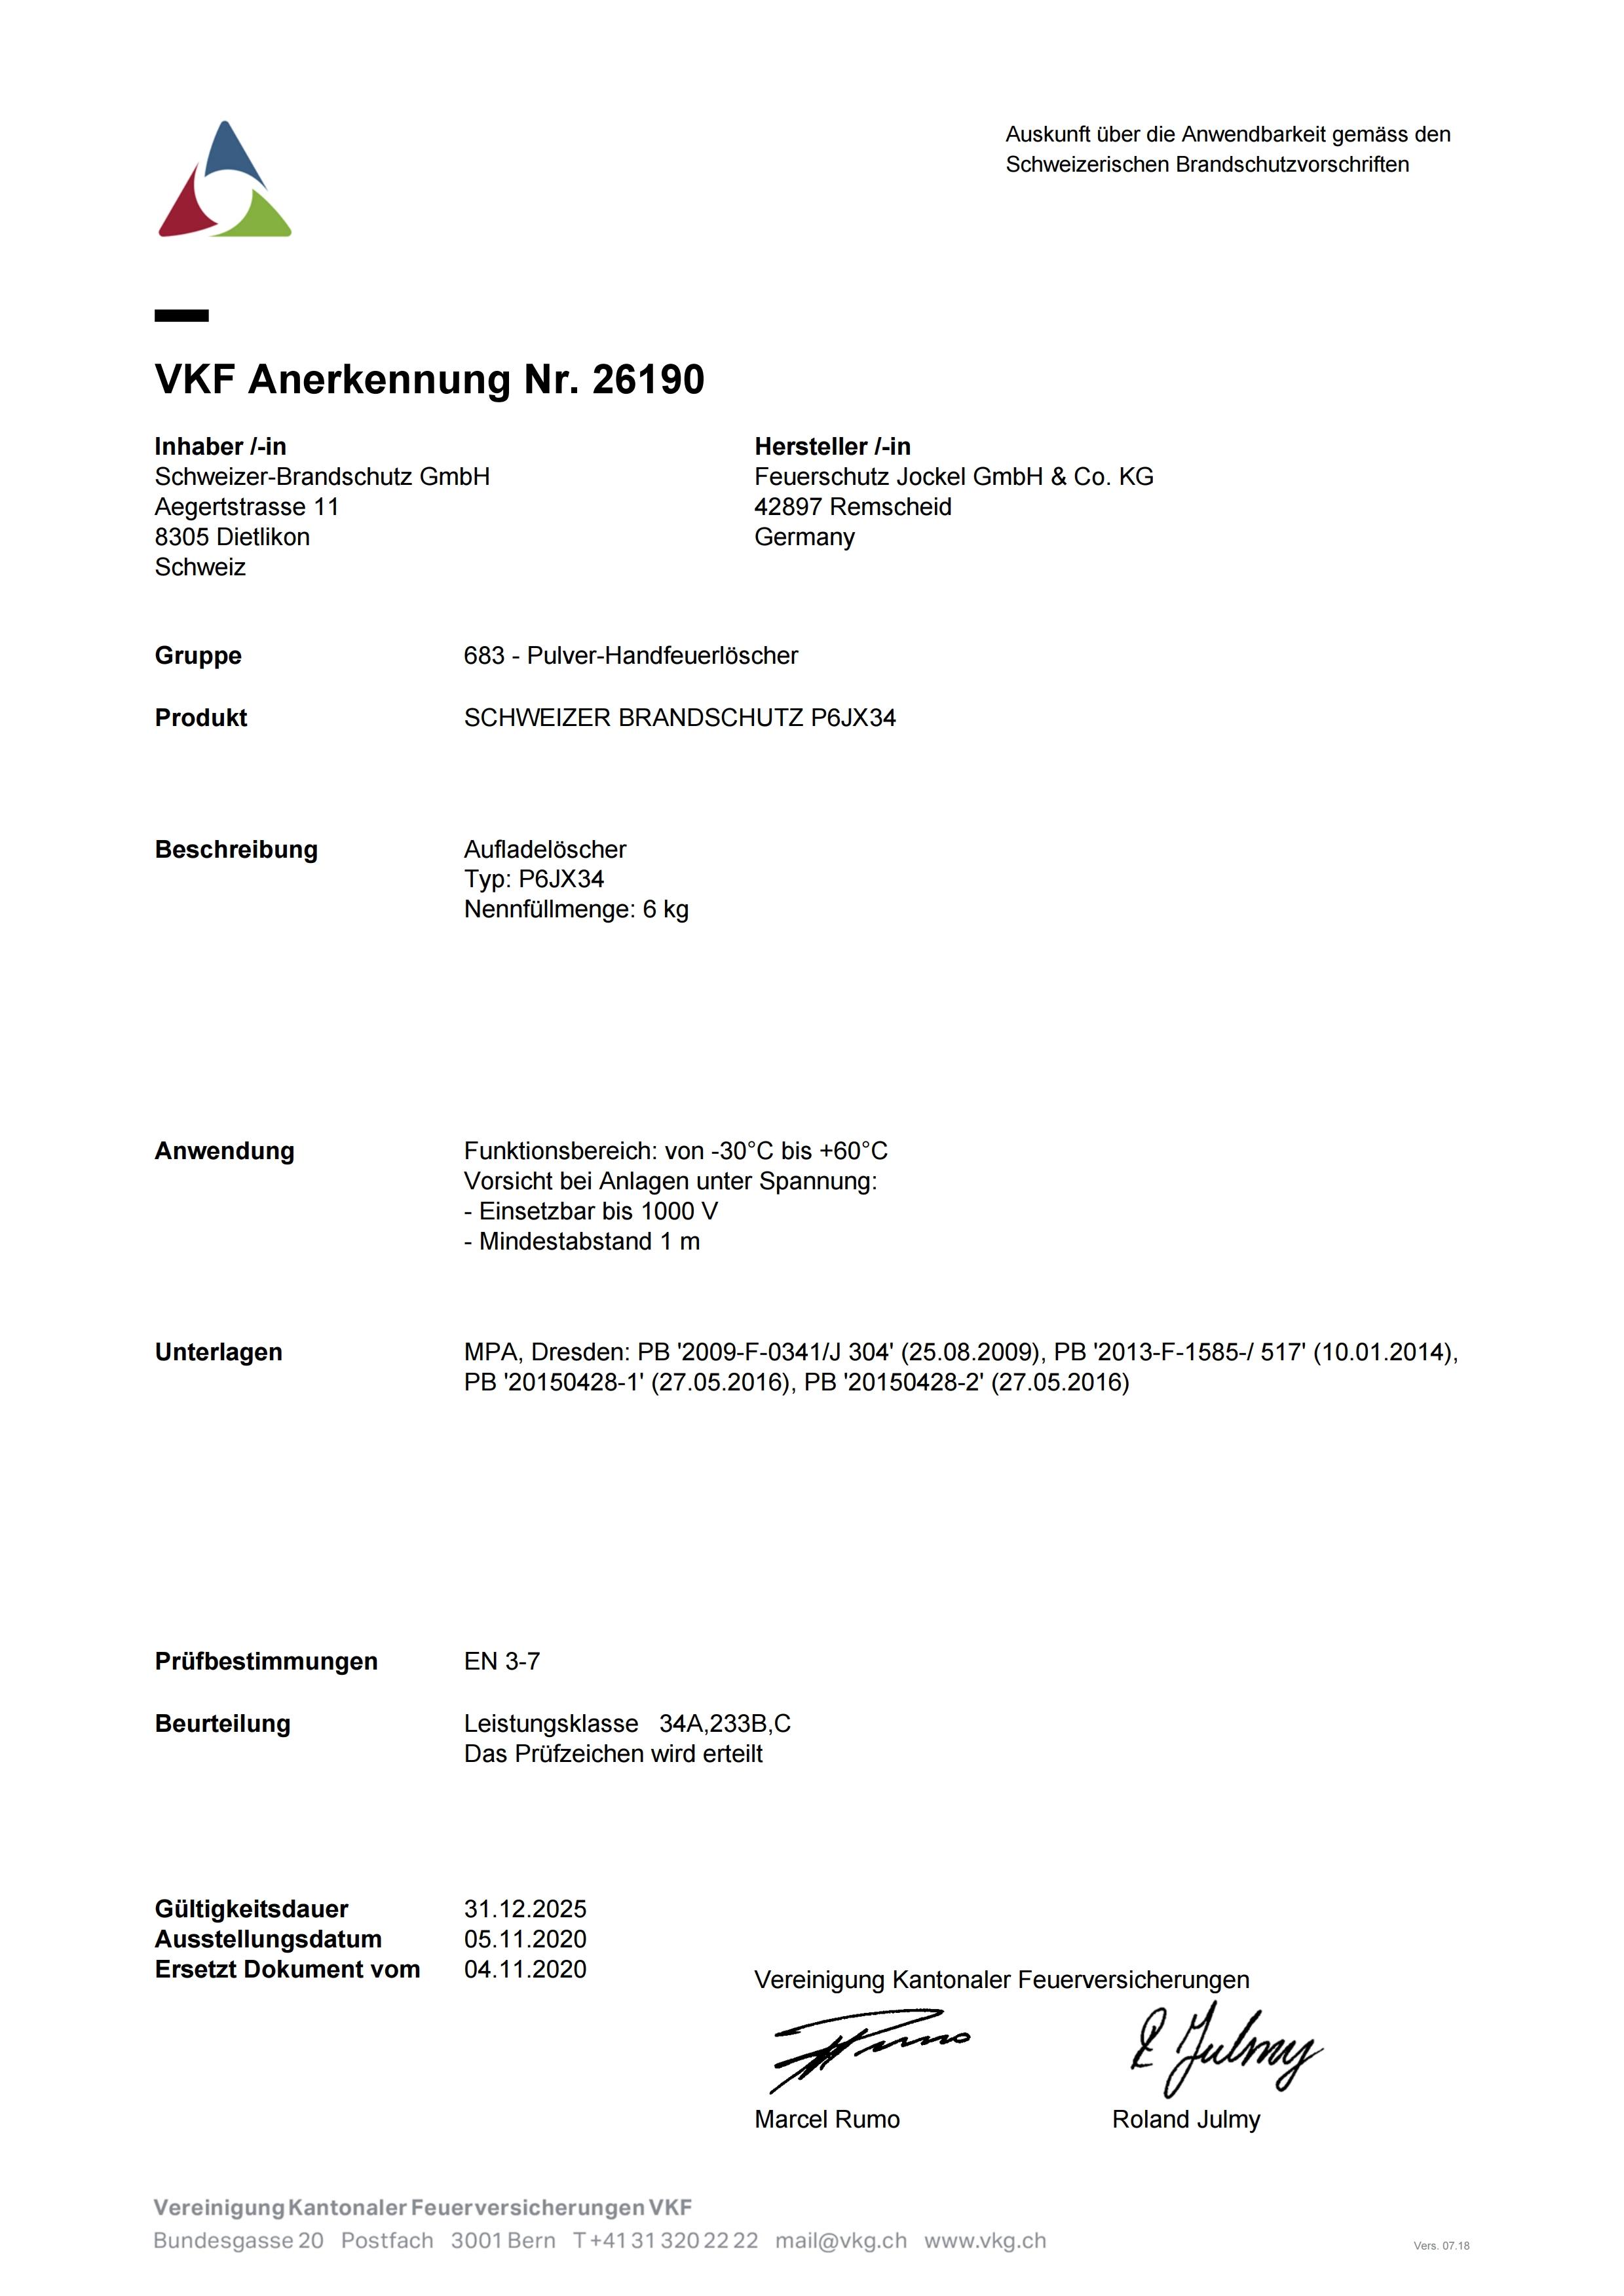 VKF Zulassung Pulver Feuerlöscher 6 Kilo